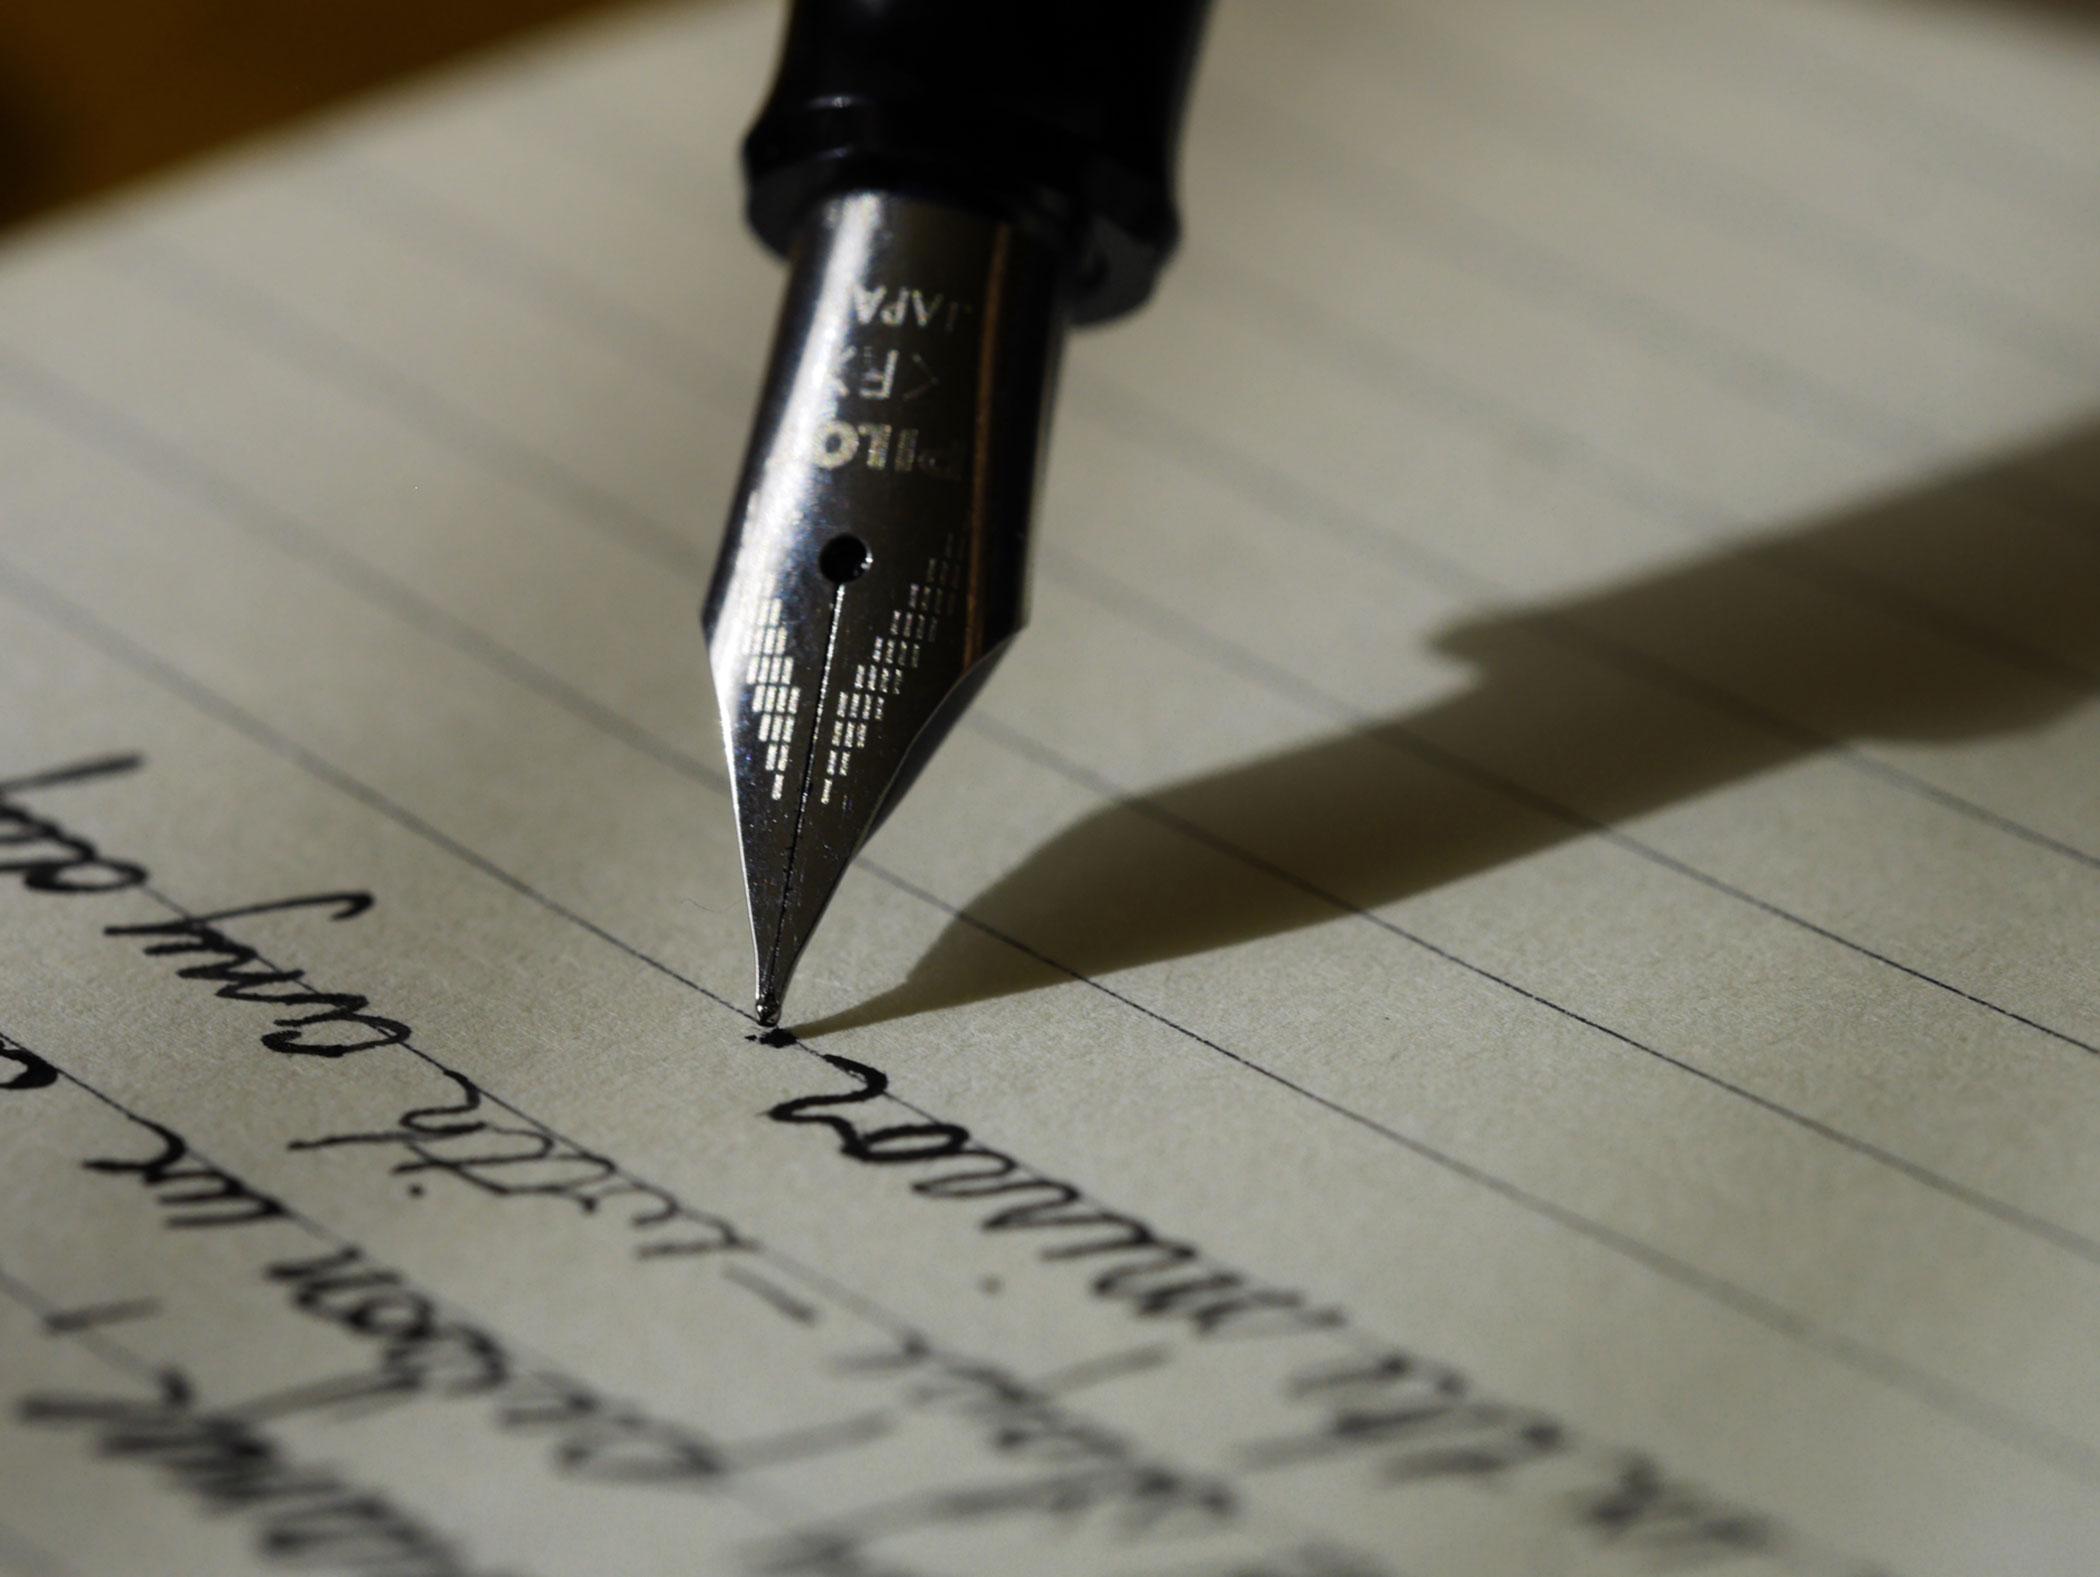 pluma escribiendo papel